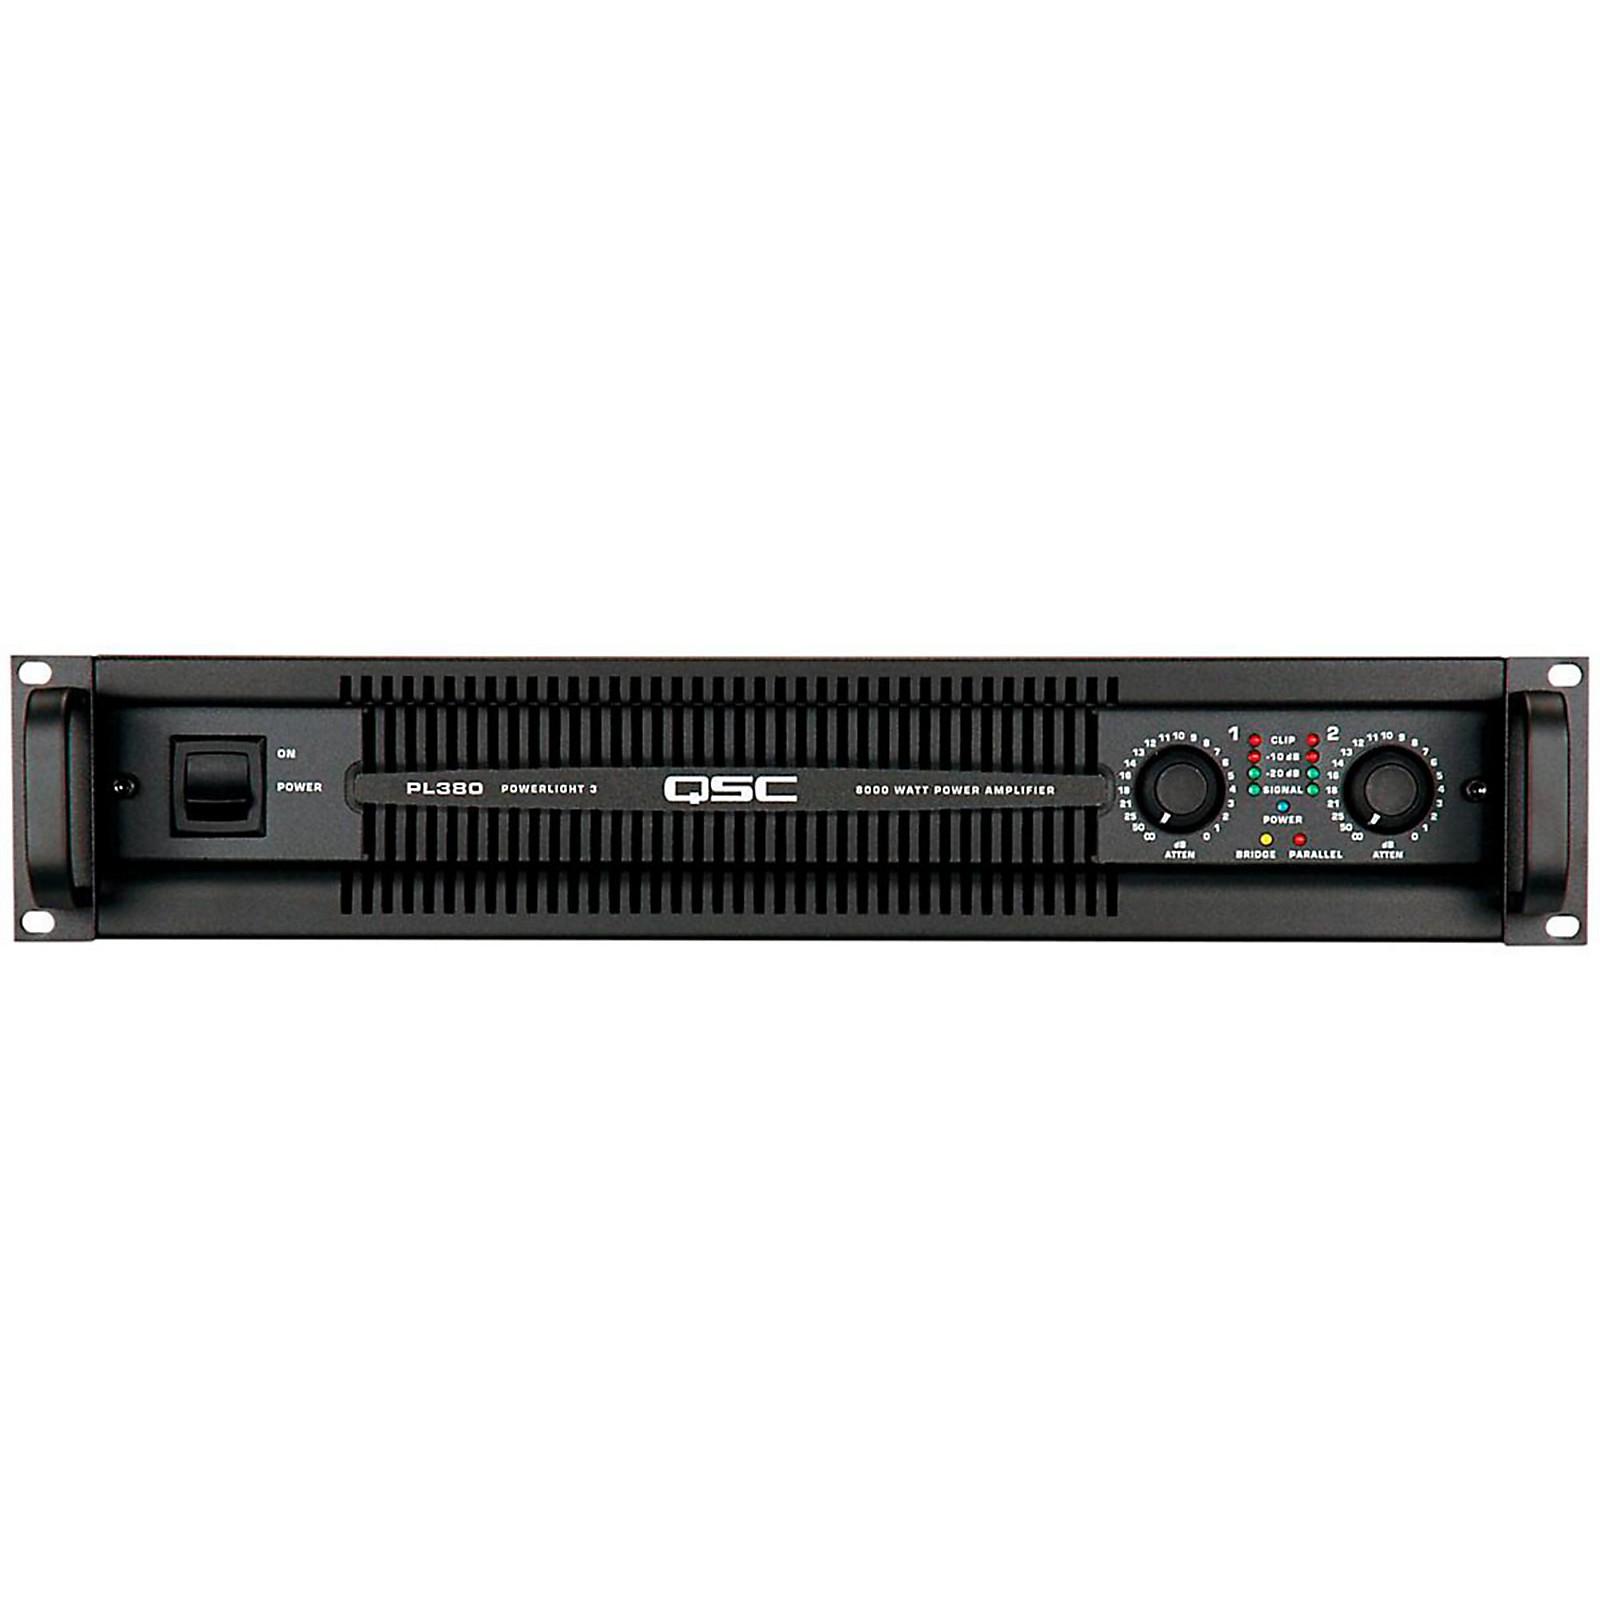 Open Box QSC PL380 PowerLite Amplifier